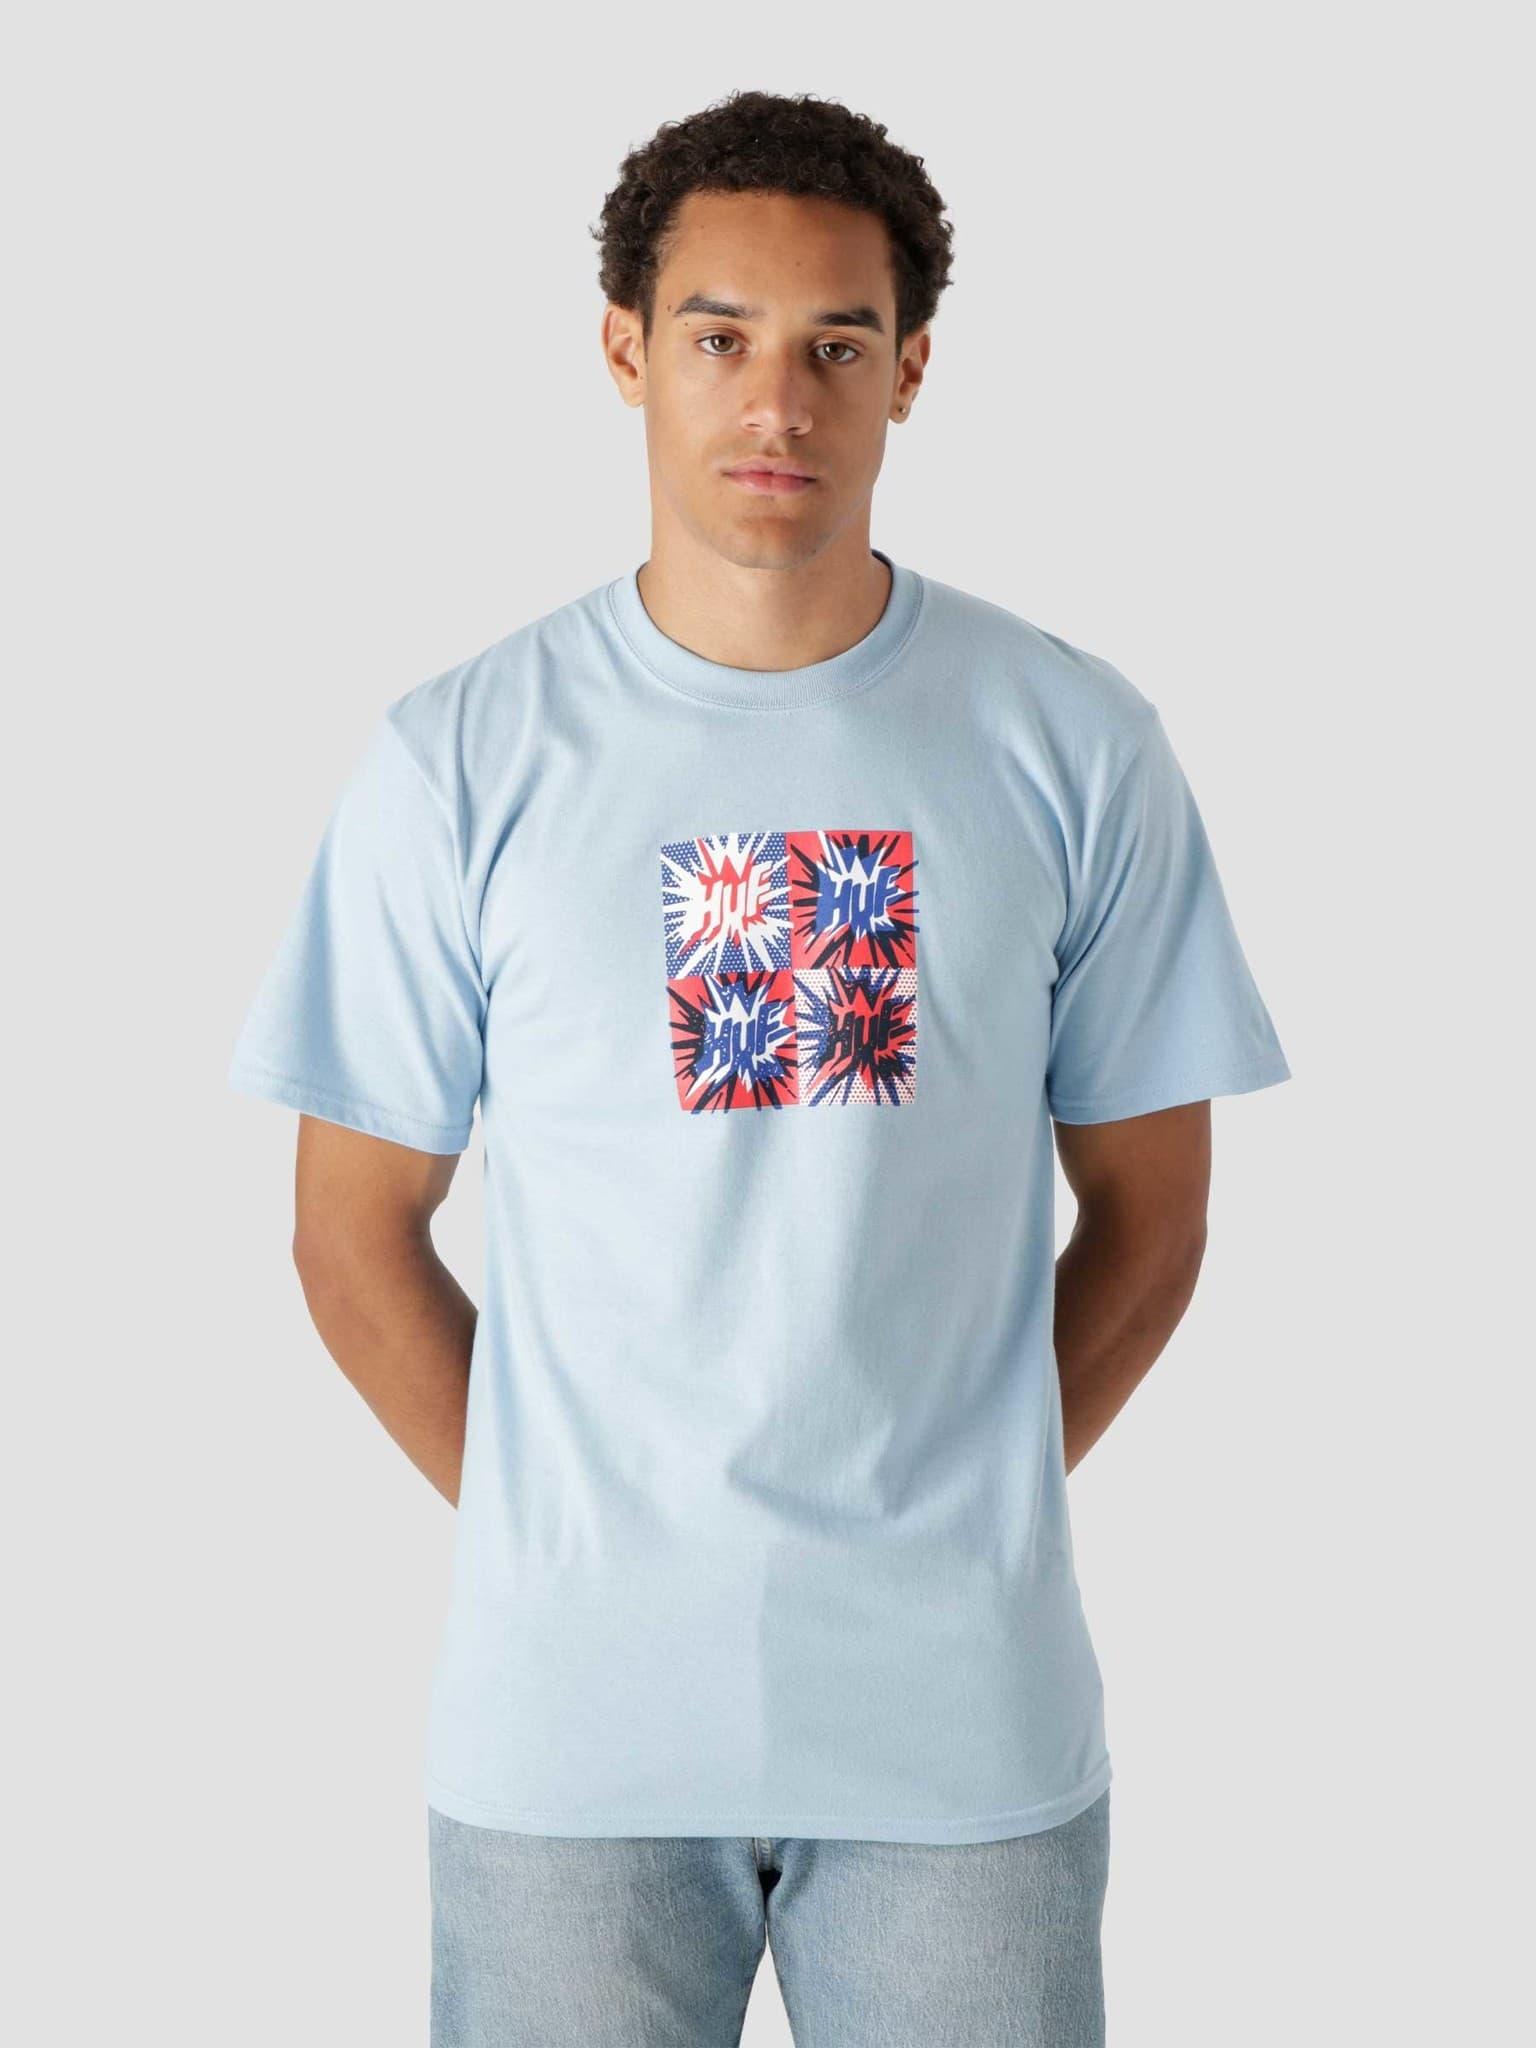 Firecracker Shortsleeve T-Shirt Light Blue TS01701